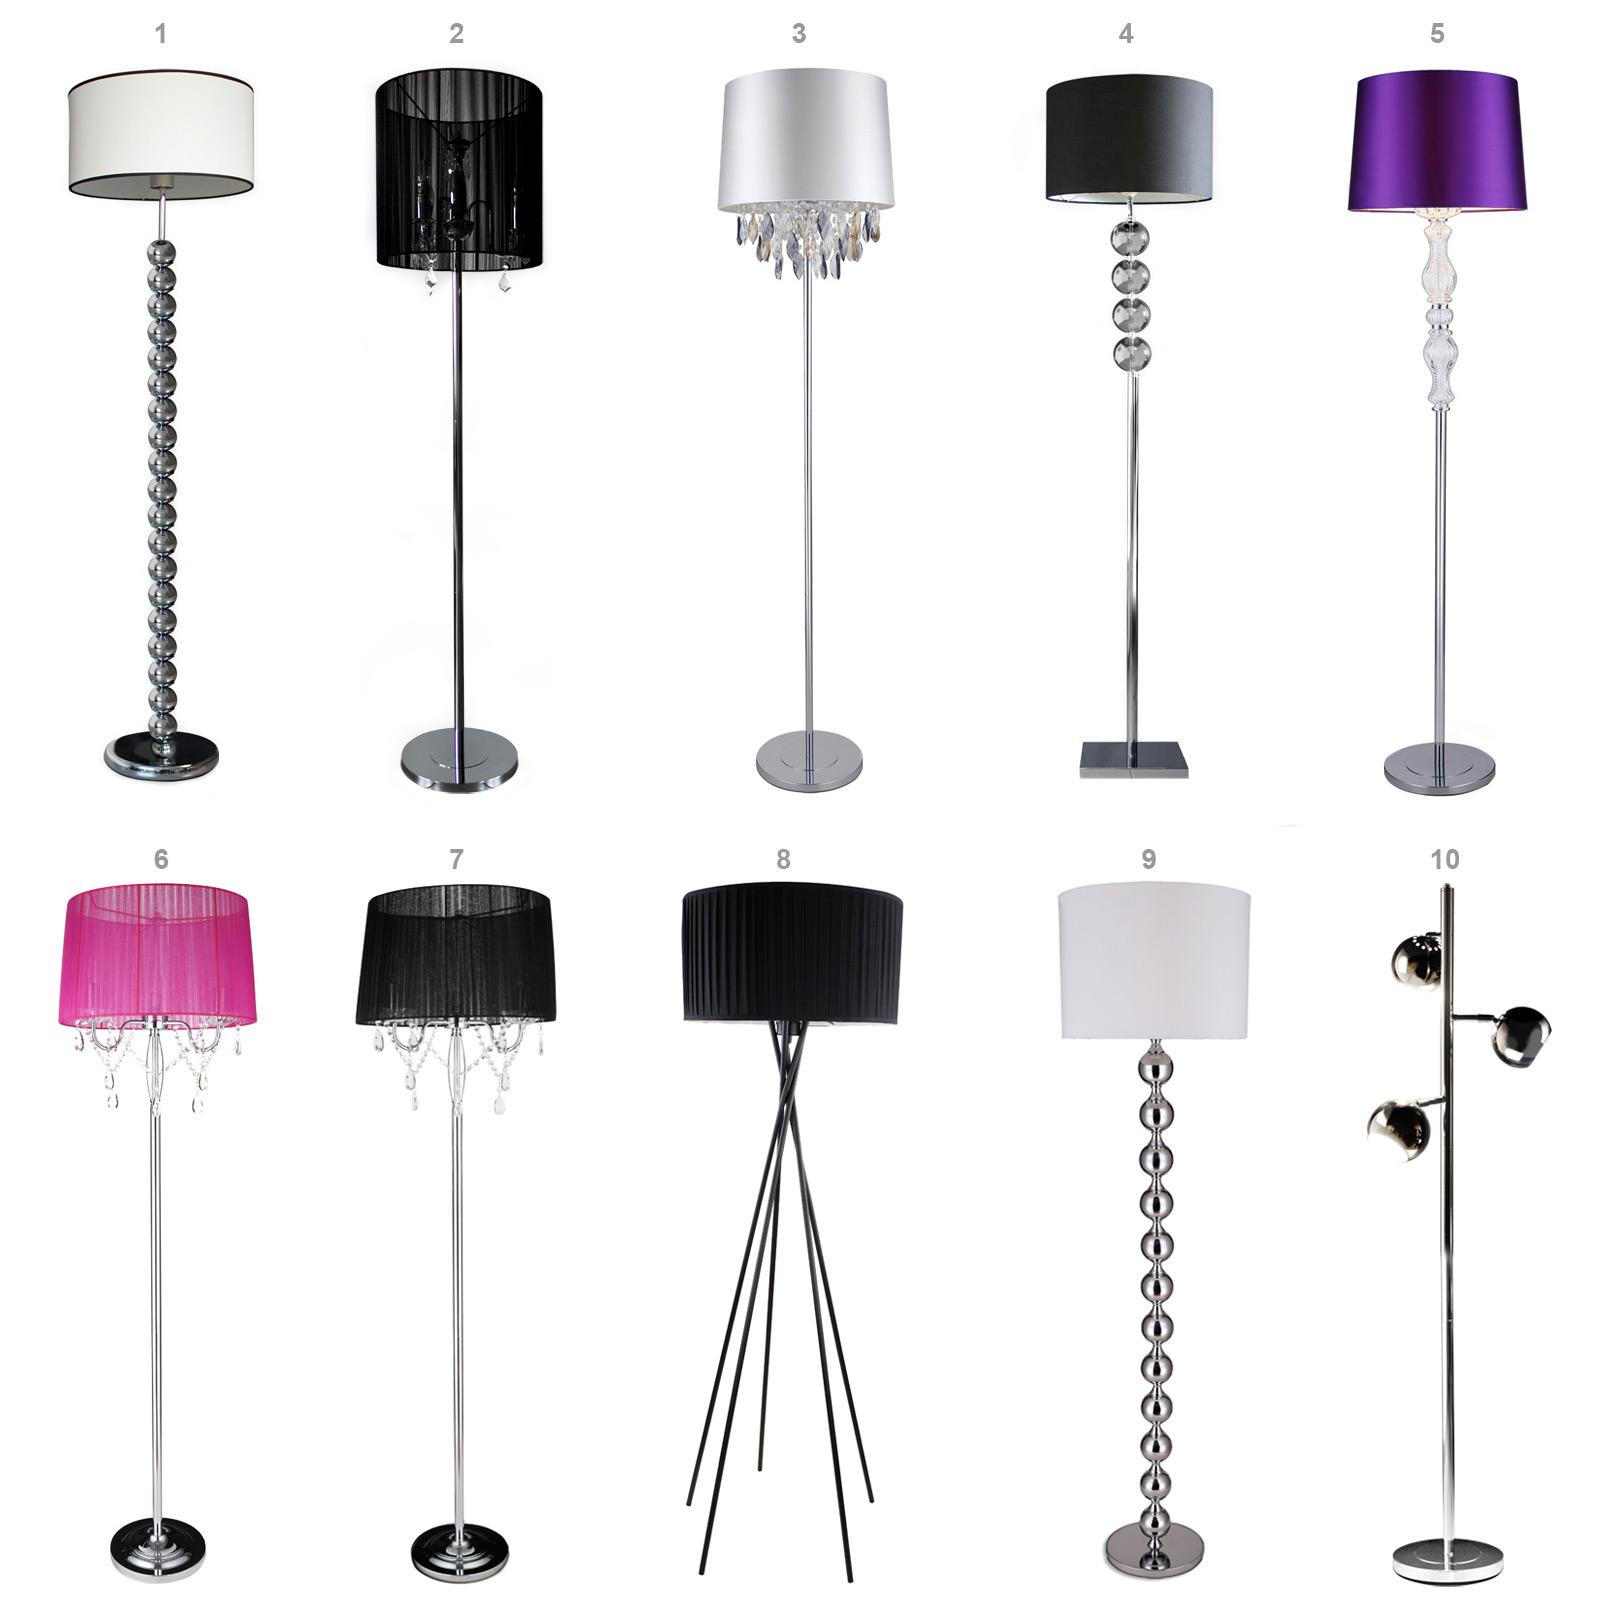 lux pro stehleuchte stehlampe lampe wohnzimmerlampe leuchte standleuchte ebay. Black Bedroom Furniture Sets. Home Design Ideas